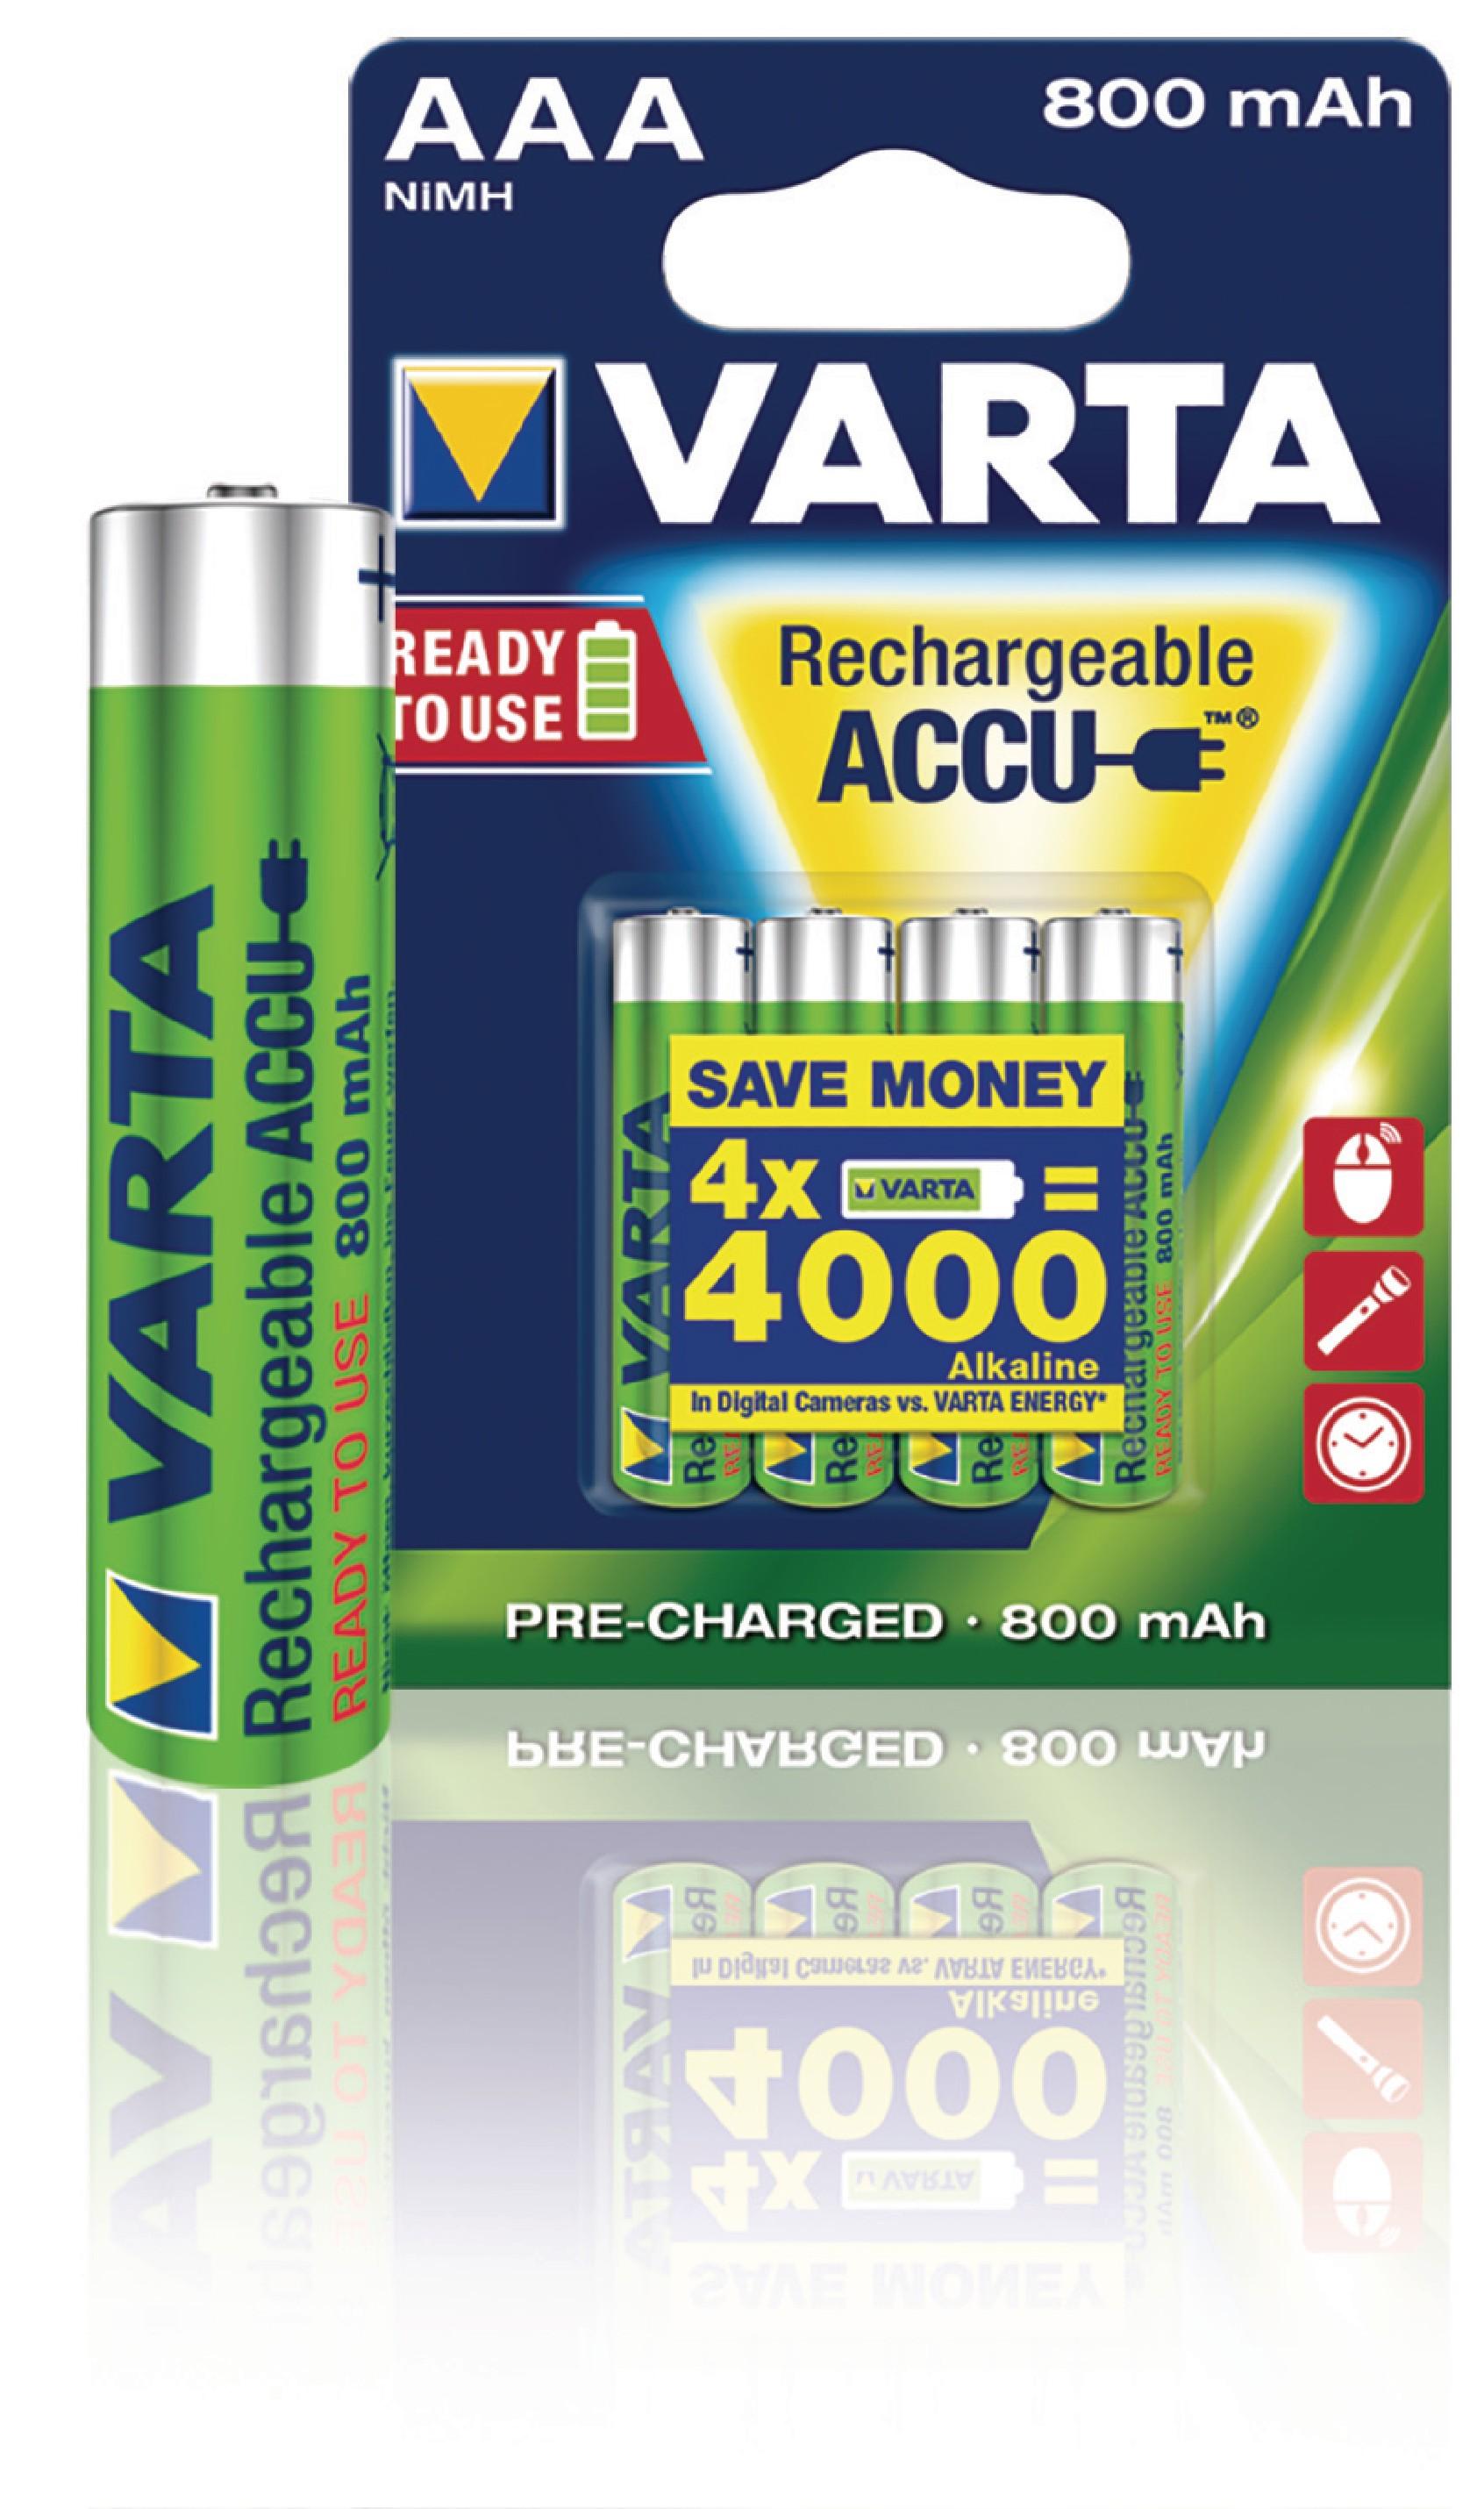 Nabíjecí baterie Varta NiMH AAA 1.2V 800mAh - 4ks, VARTA-56703B